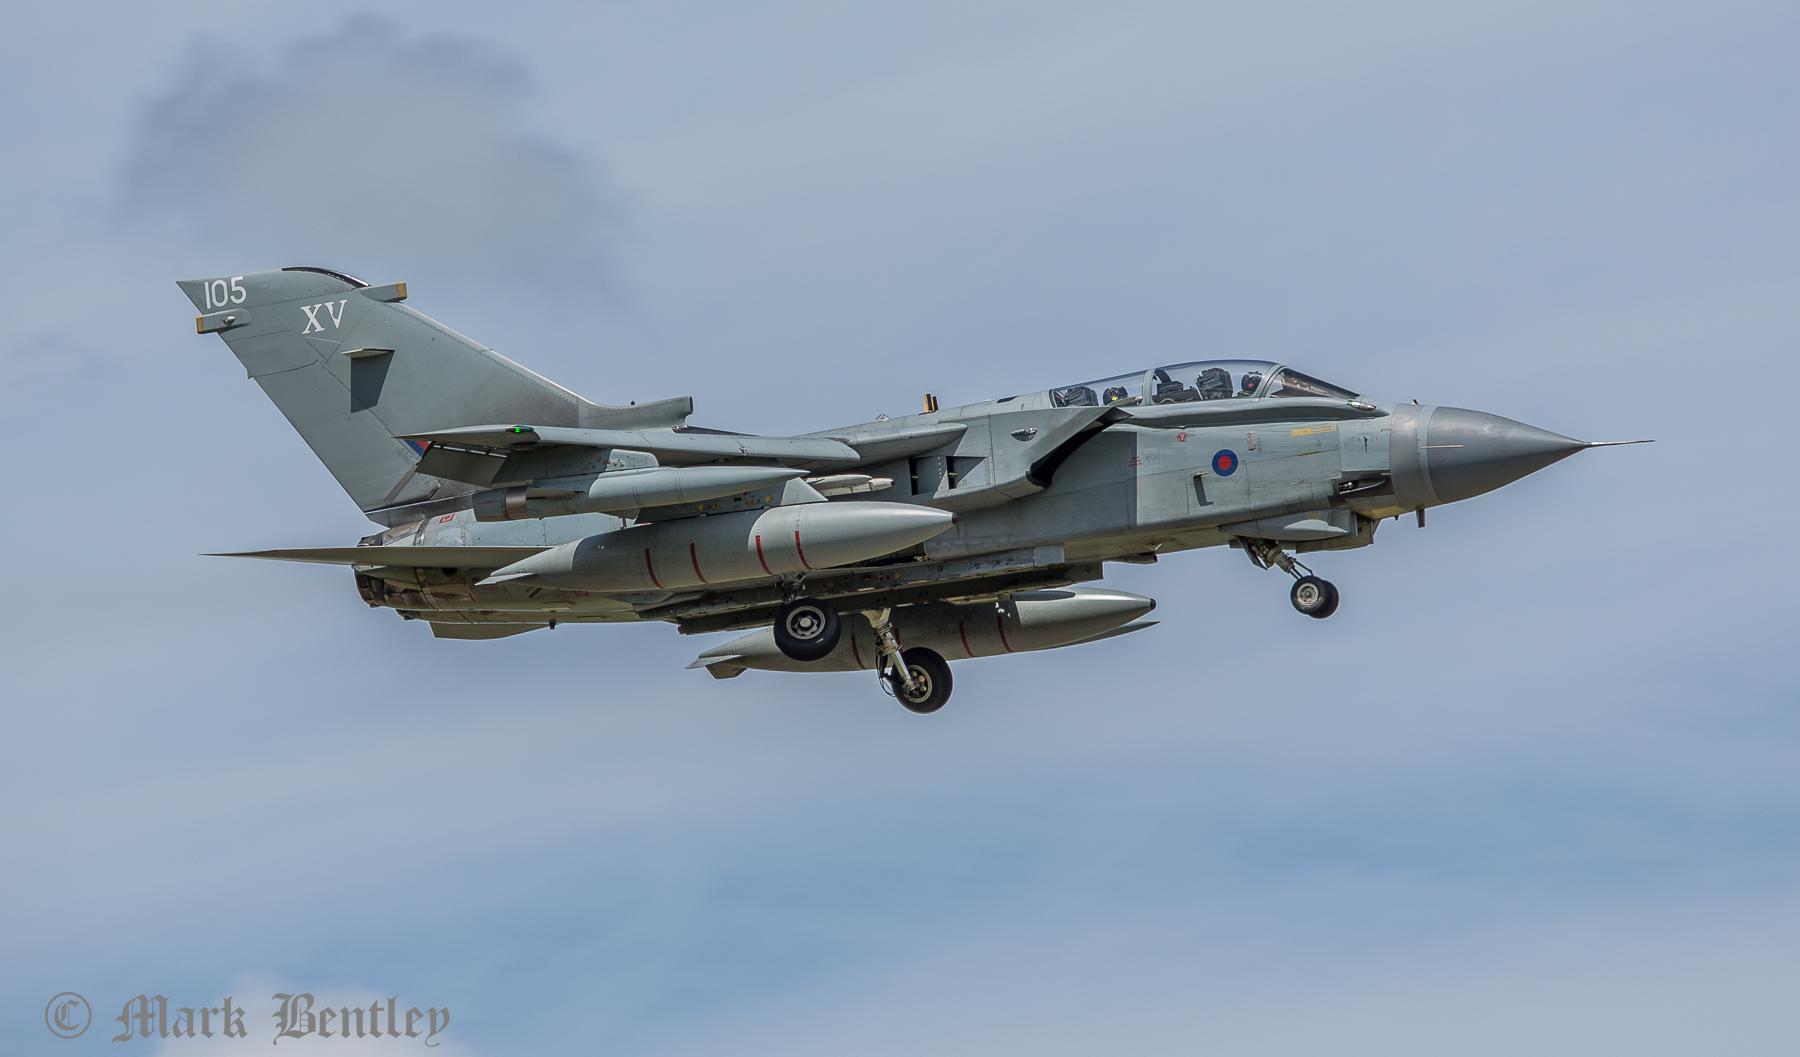 A052 RAF Tornado